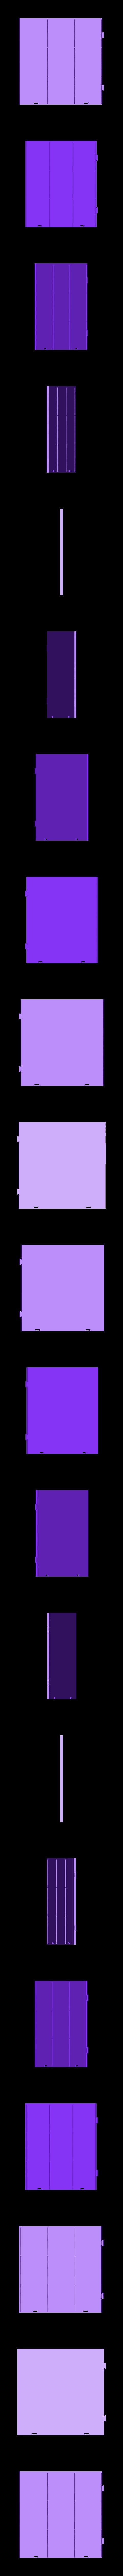 NW_QUAD.stl Télécharger fichier STL gratuit Tsuro Game Board • Objet à imprimer en 3D, jbrum360